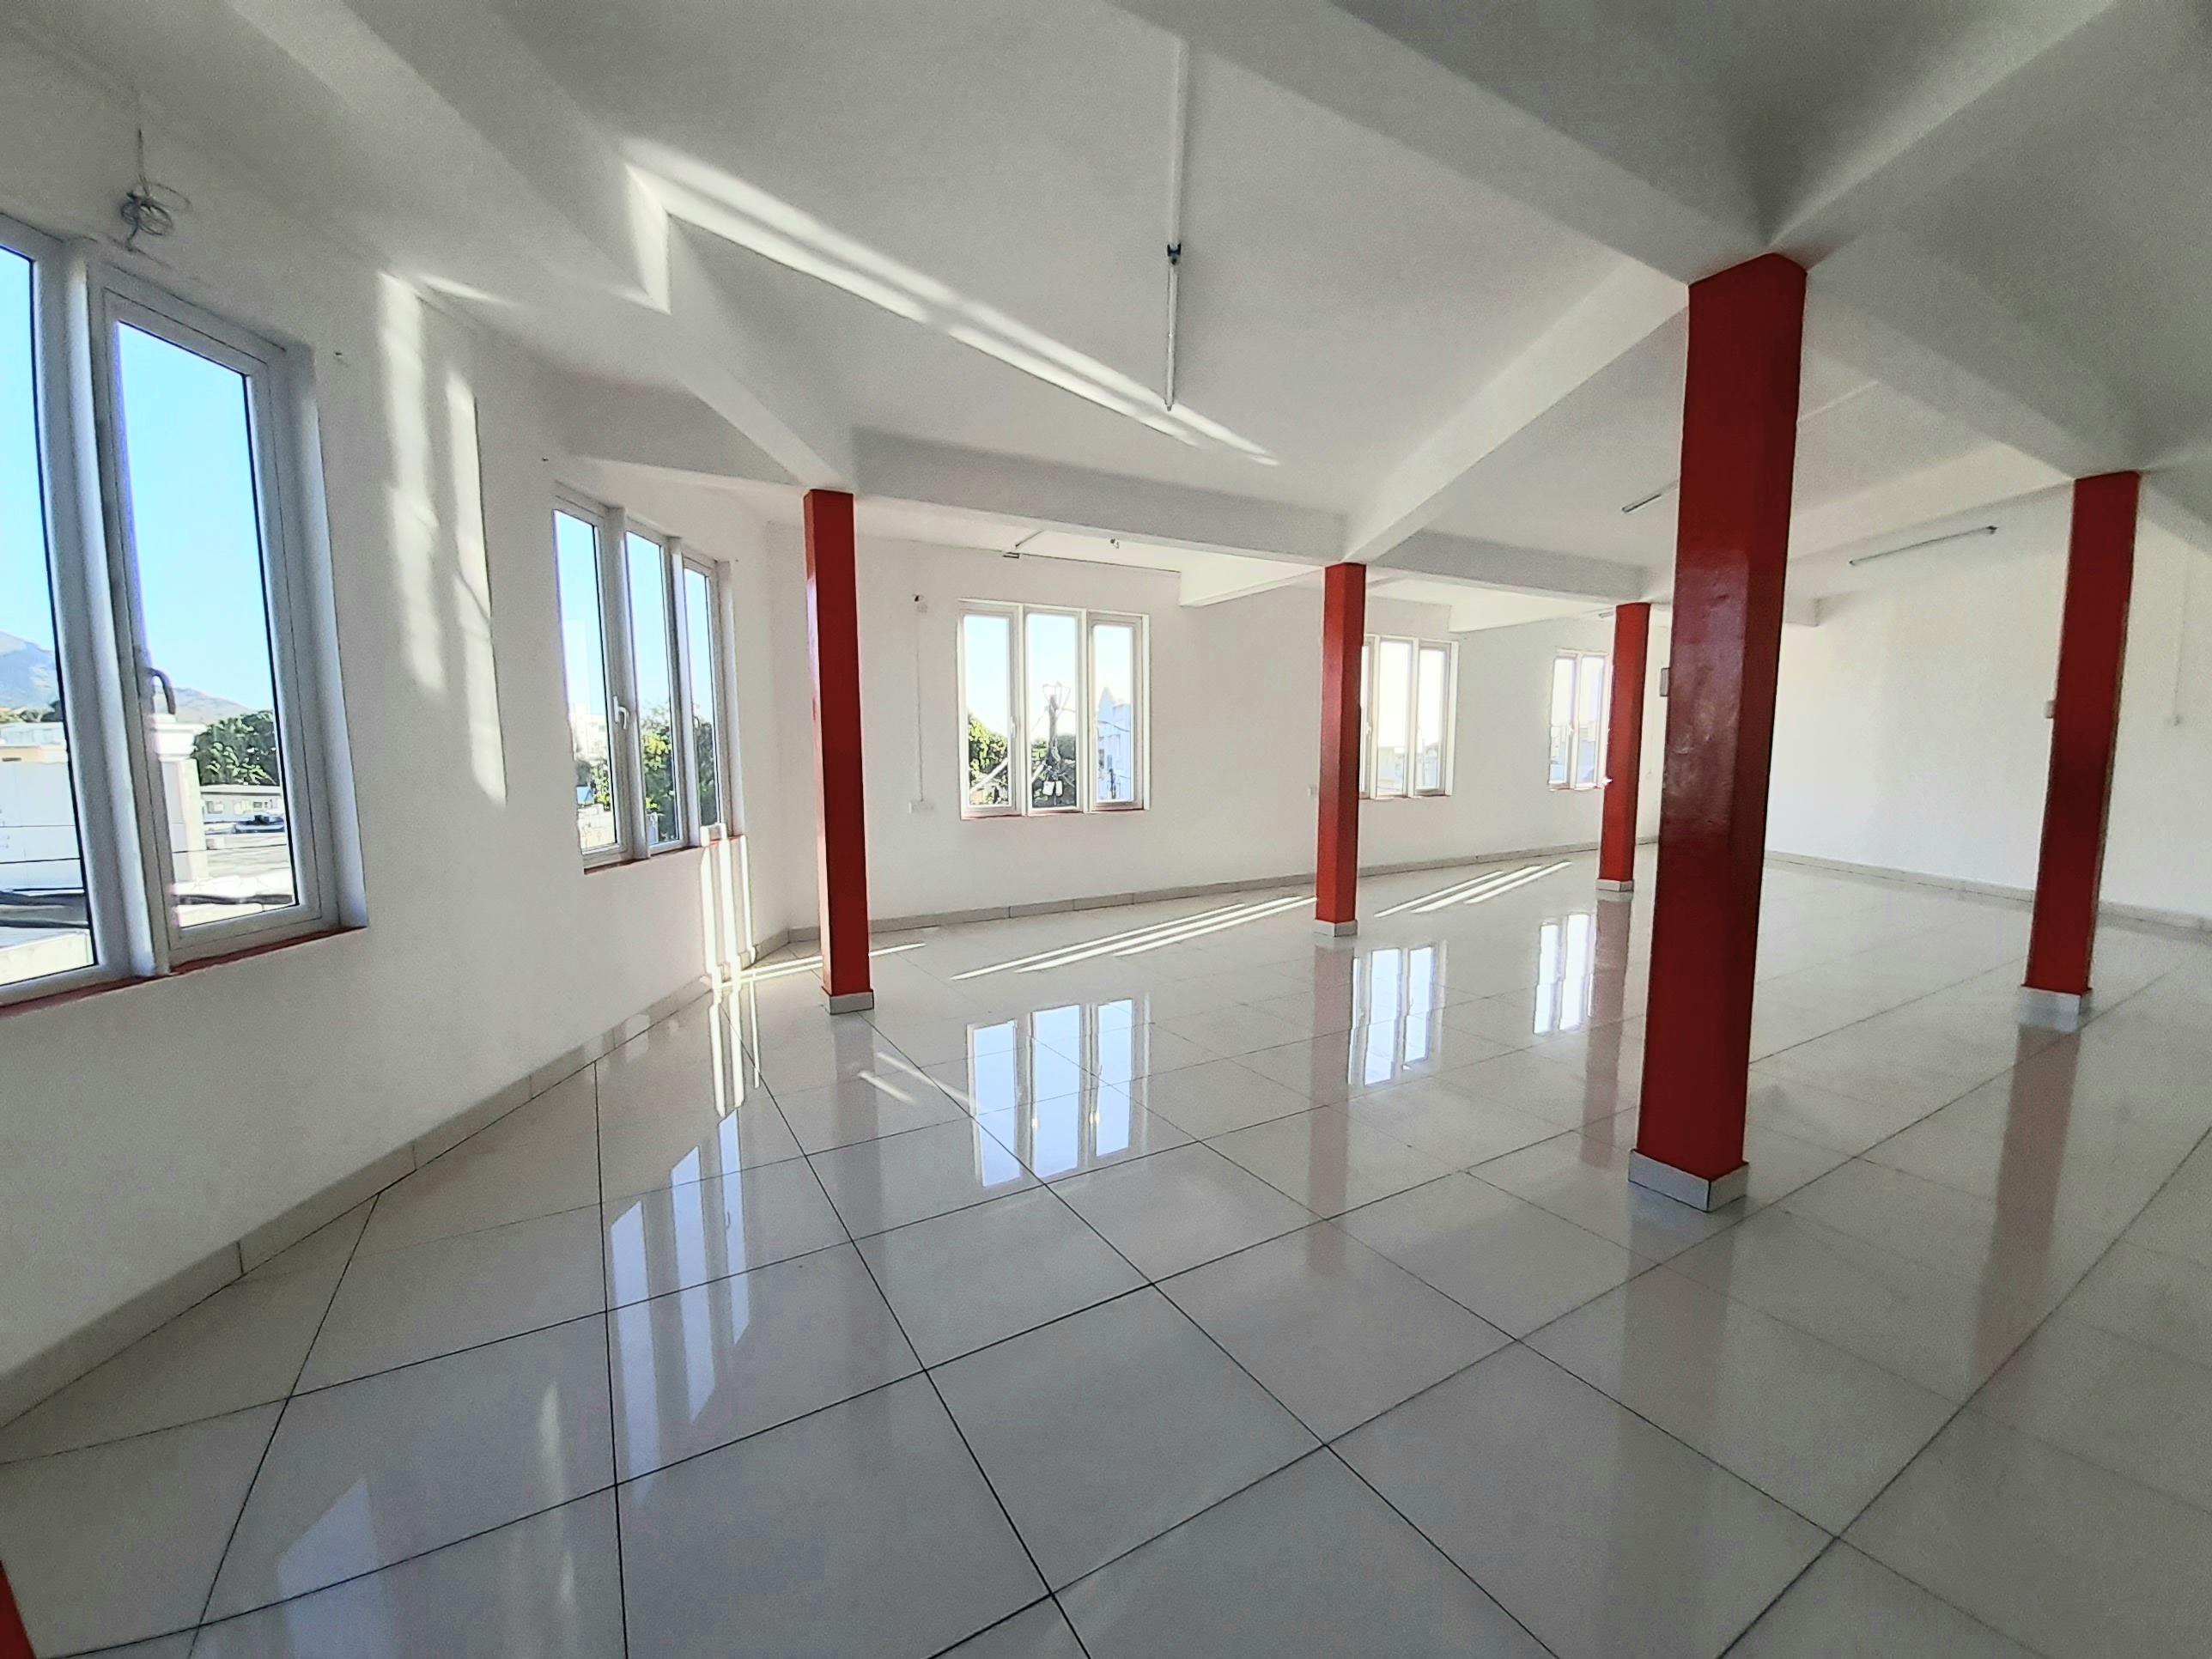 Espace commercial de 120 mètres carrés